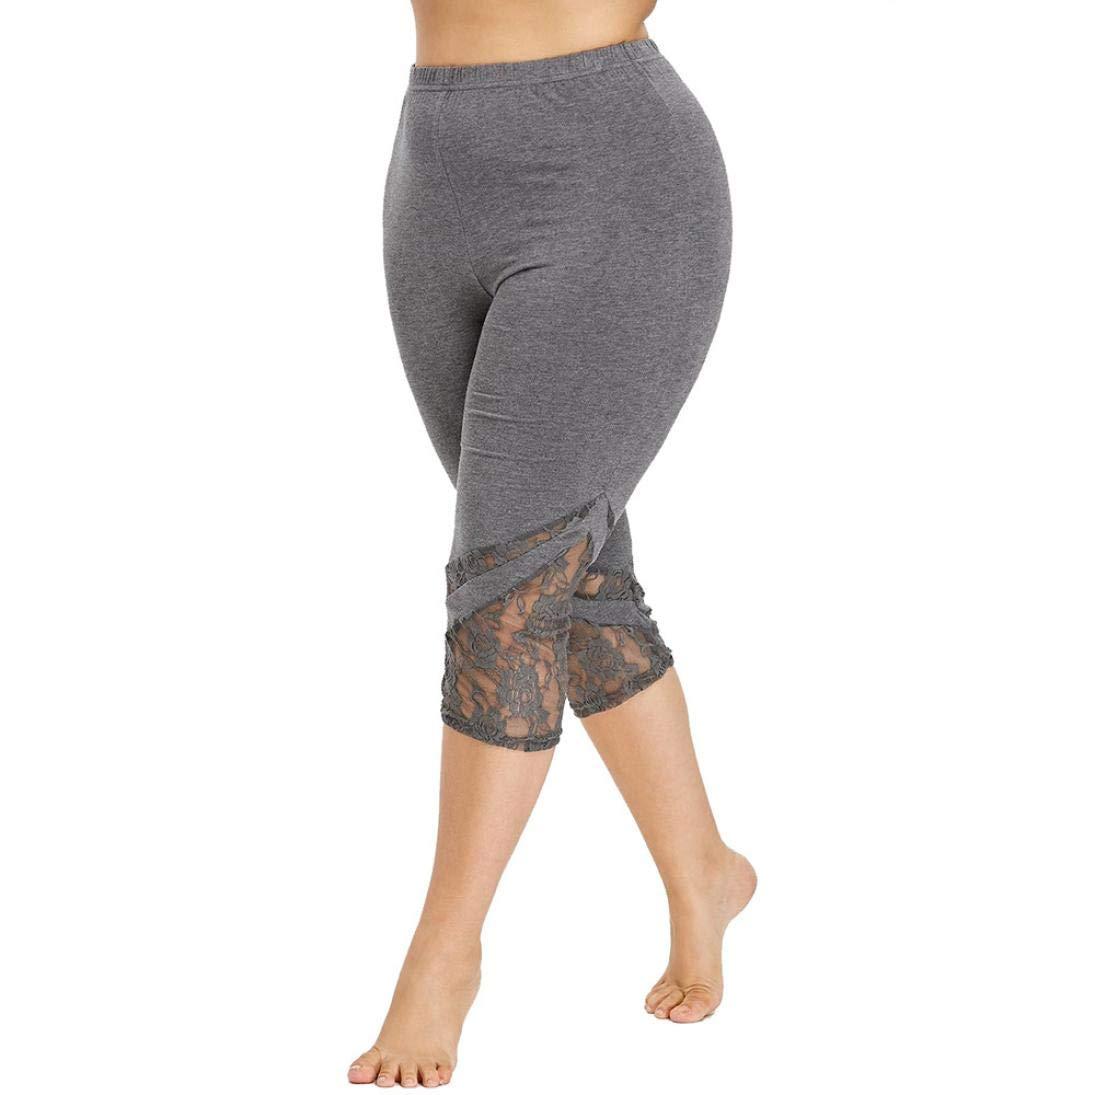 donne Taglia larga Pizzo fiore Ghette-Plus Size Pantaloni Elasticizzati -Allenamento Leggings Opaco Yoga Fitness -Ghette Donna-Pantaloni sportivi donna 3/4 lunghezza